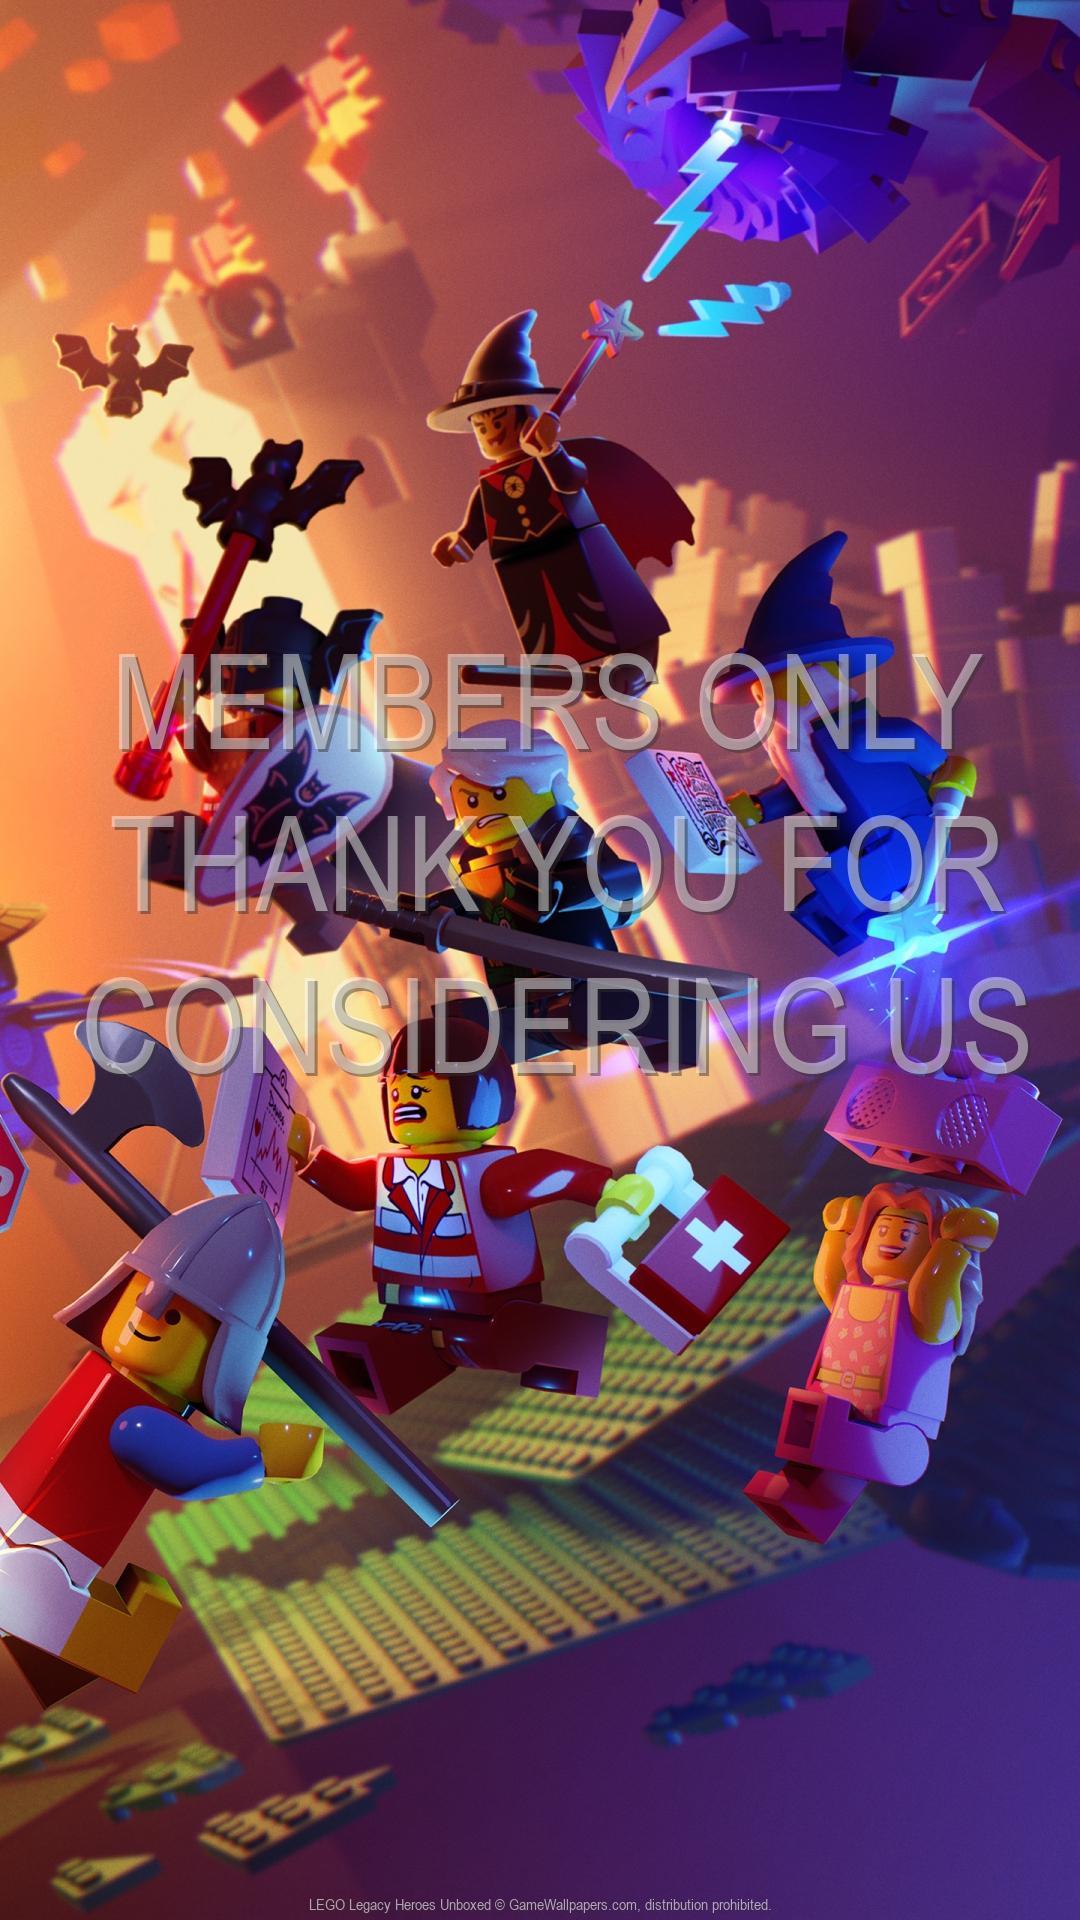 LEGO Legacy: Heroes Unboxed 1920x1080 Móvil fondo de escritorio 01